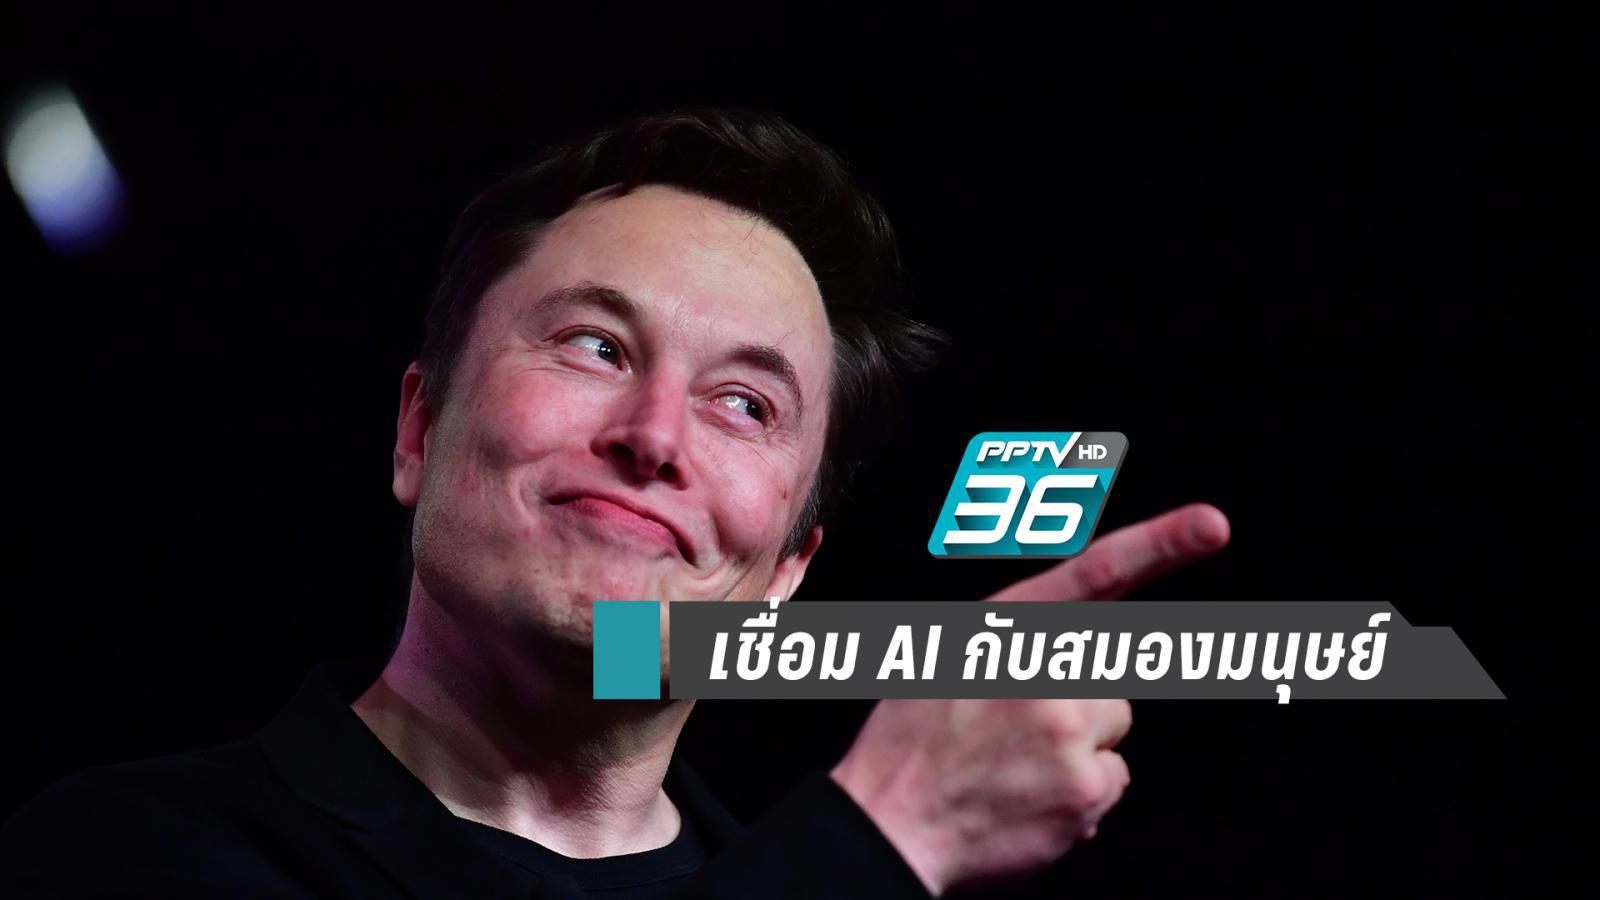 """""""อีลอน มัสก์"""" เปิดตัวระบบสุดไฮเทค เชื่อม AI  กับ สมองมนุษย์"""